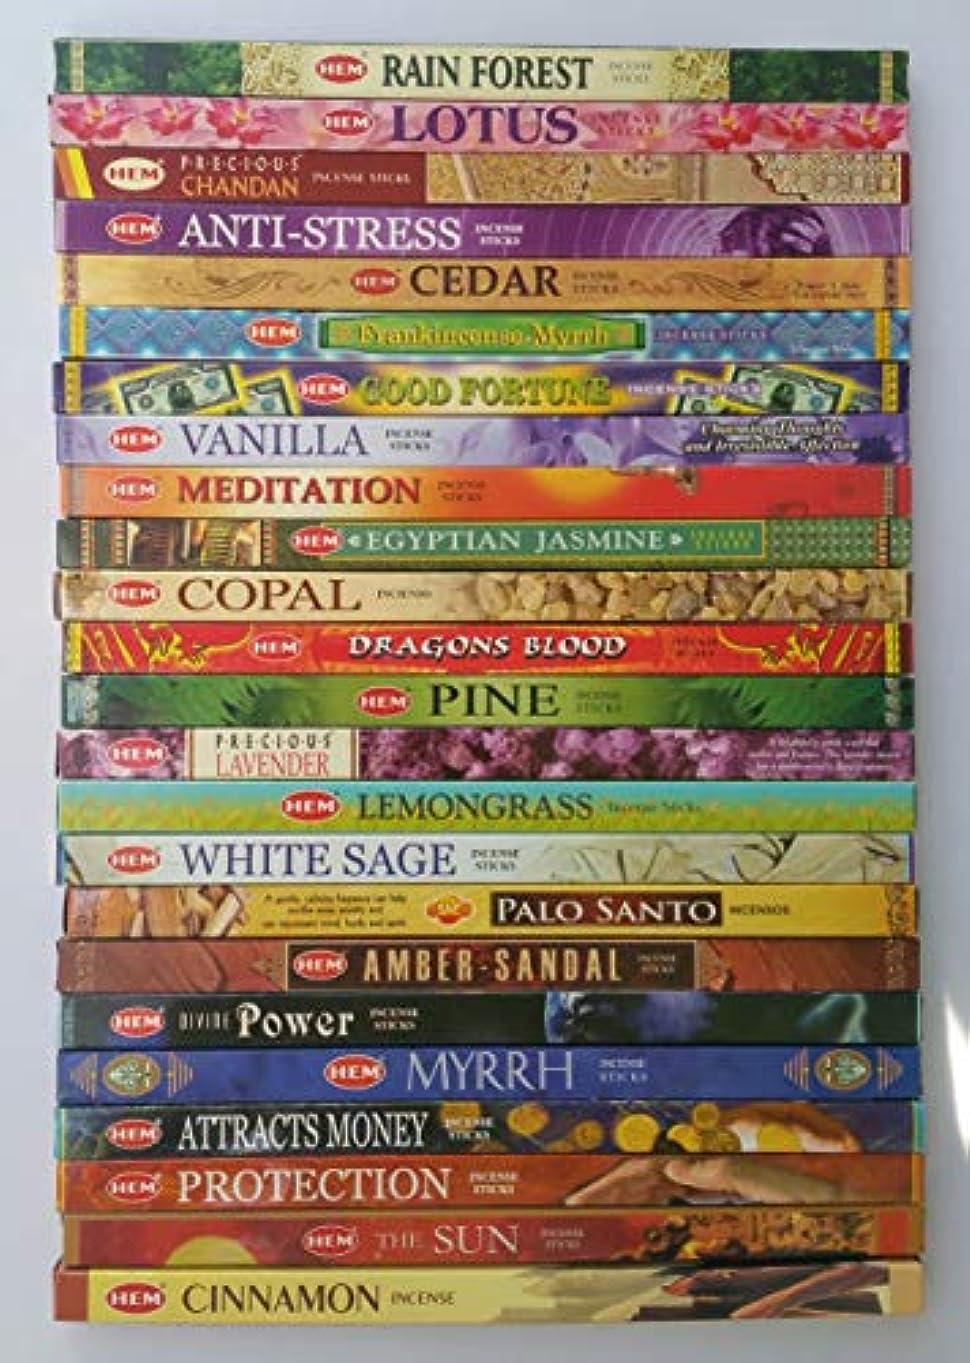 カード巨大な死すべきThe Better Scents Hem お香 バラエティーサンプラー 24種類の香り 各8本 合計192本